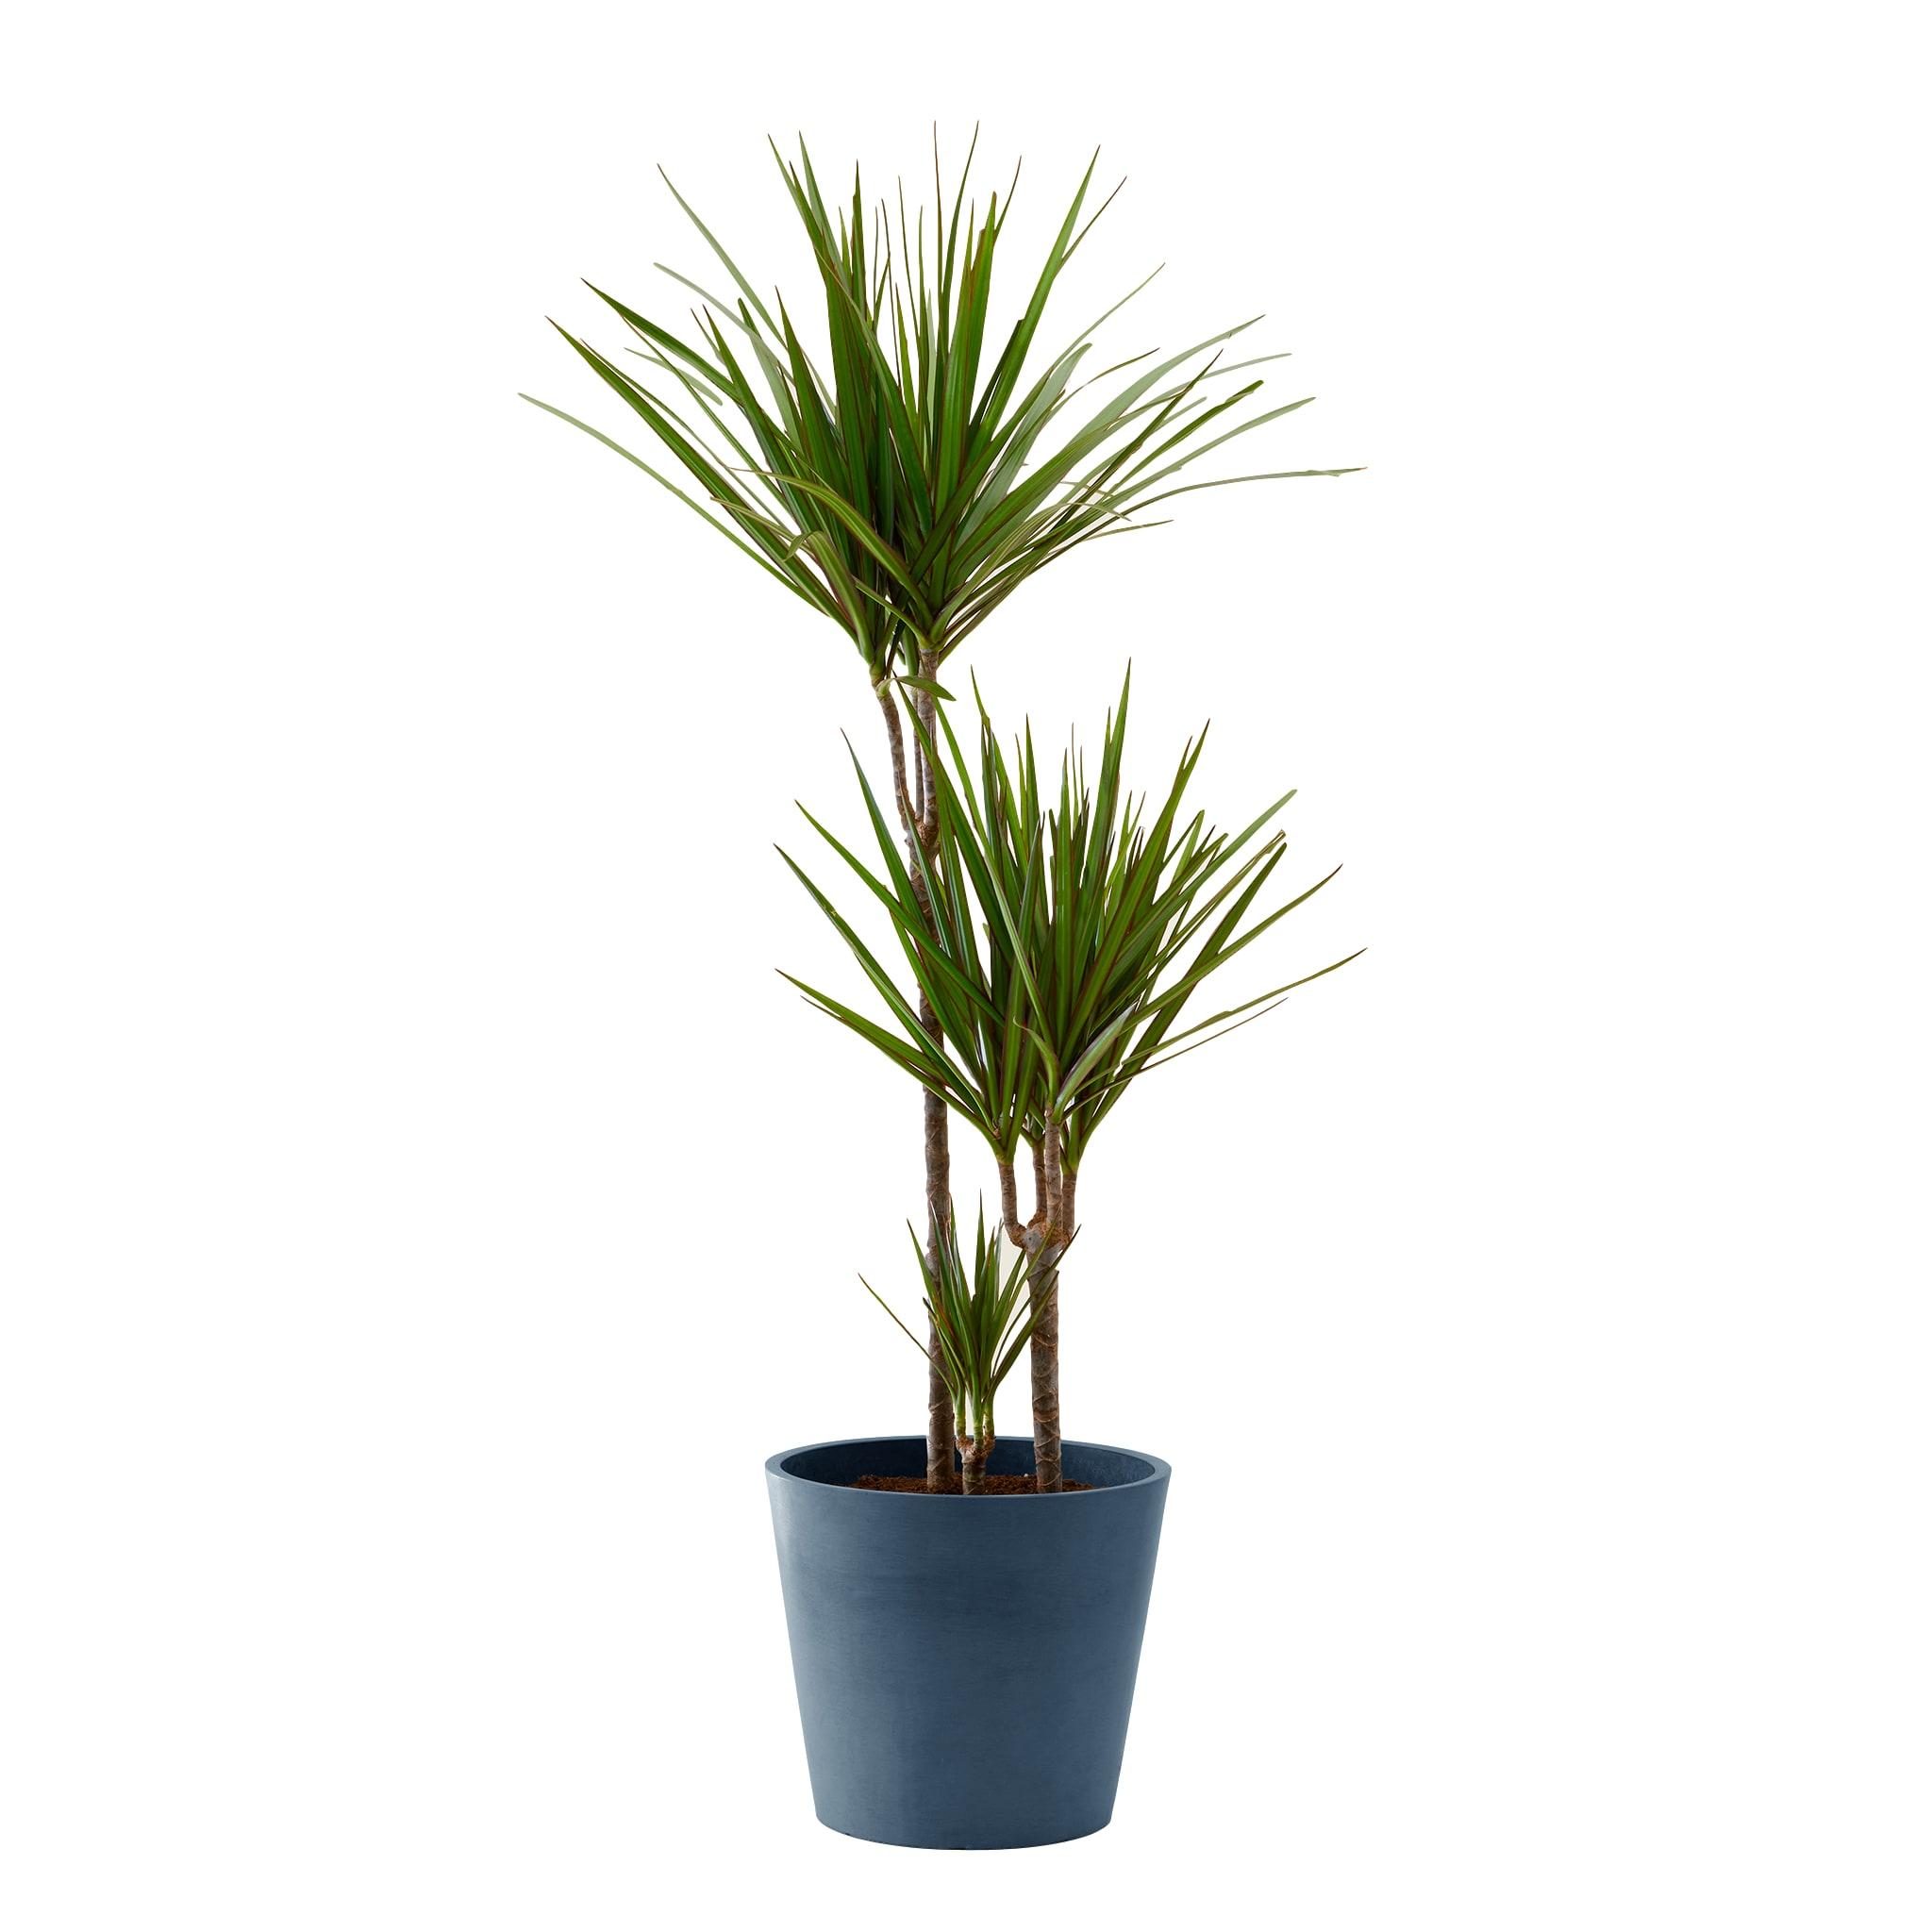 Plante d'intérieur - Dracaena 125 cm en pot bleu nuit